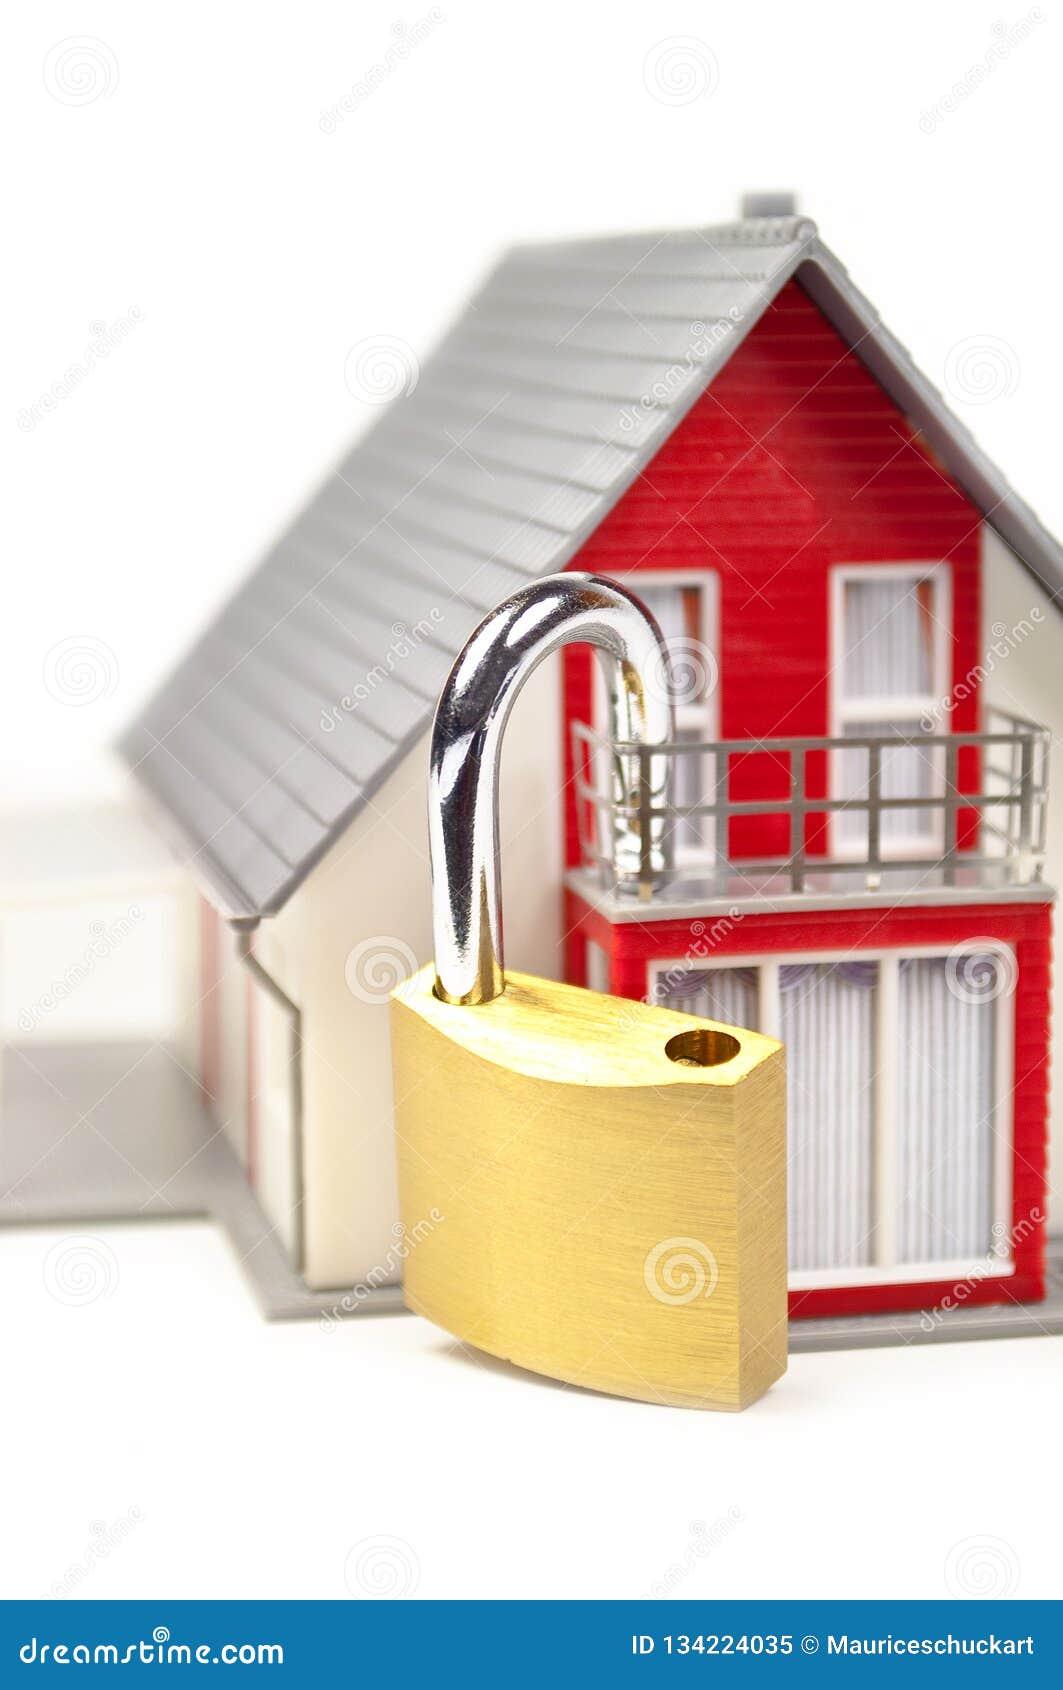 Maison miniature avec une serrure